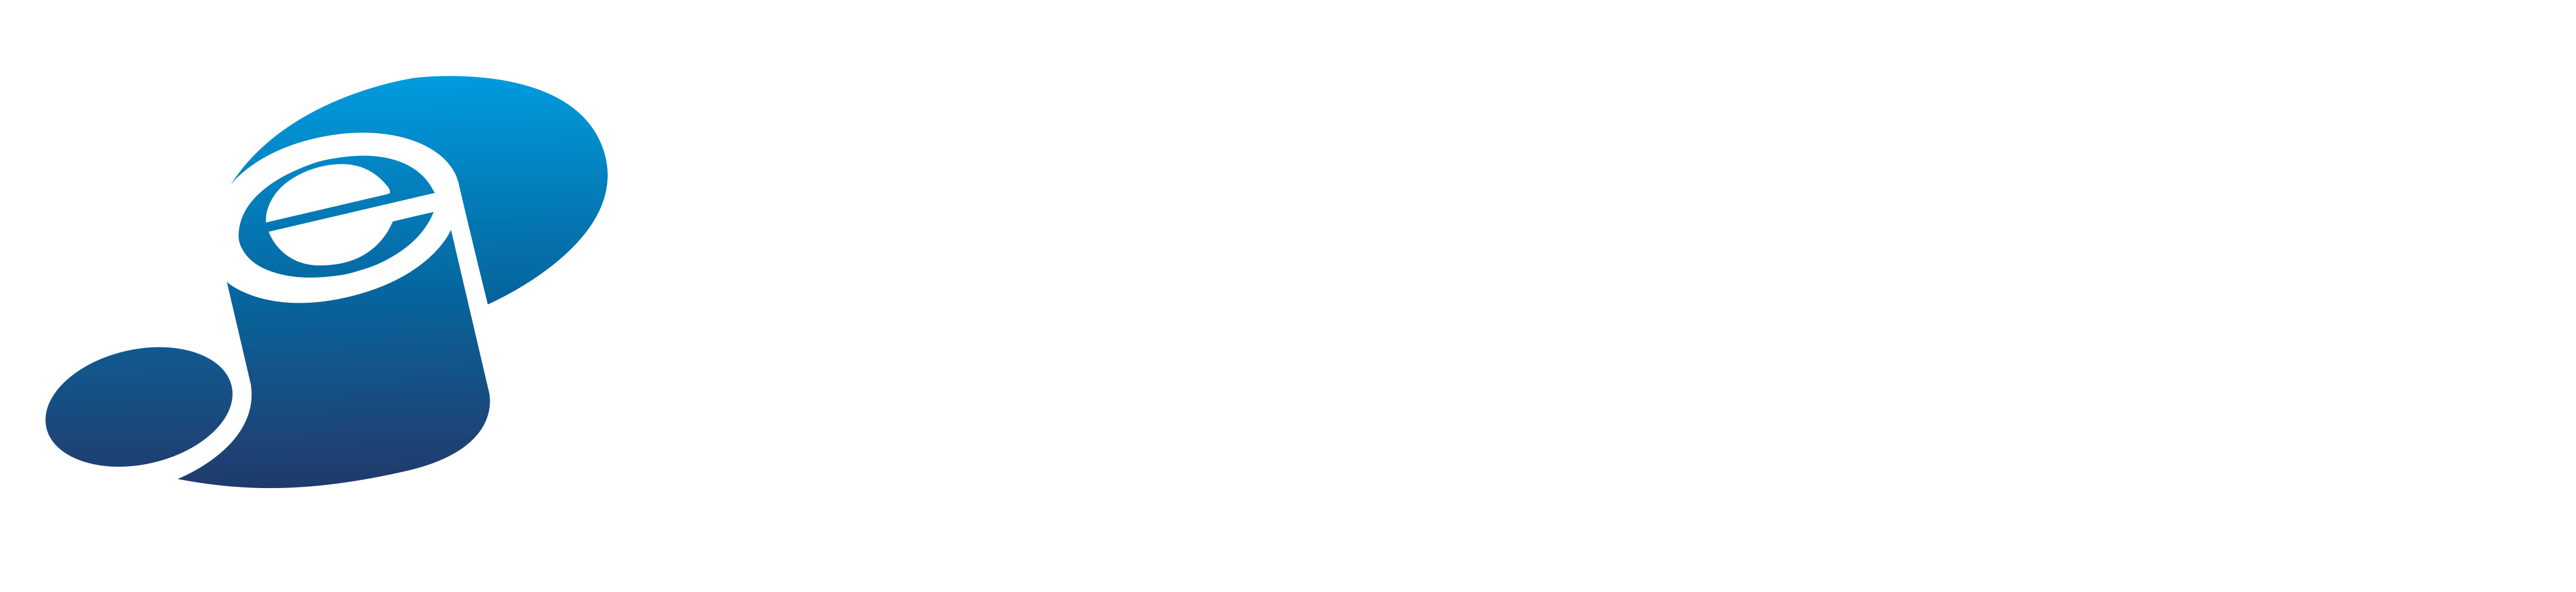 Promociones Buen Fin 2019 Escuela Profesional De Dibujo S C